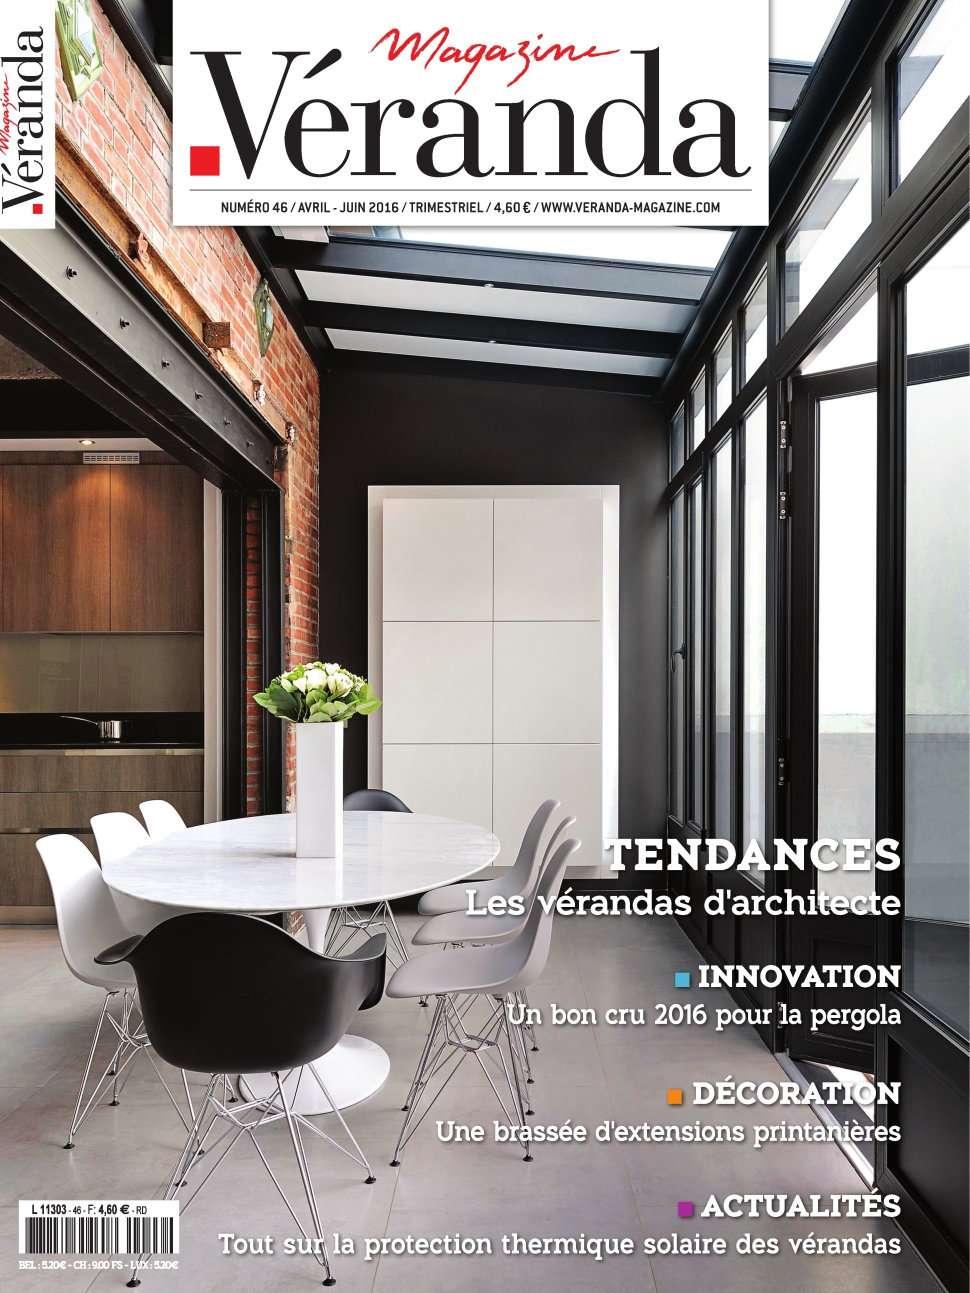 Veranda Magazine 46 - Avril/Juin 2016